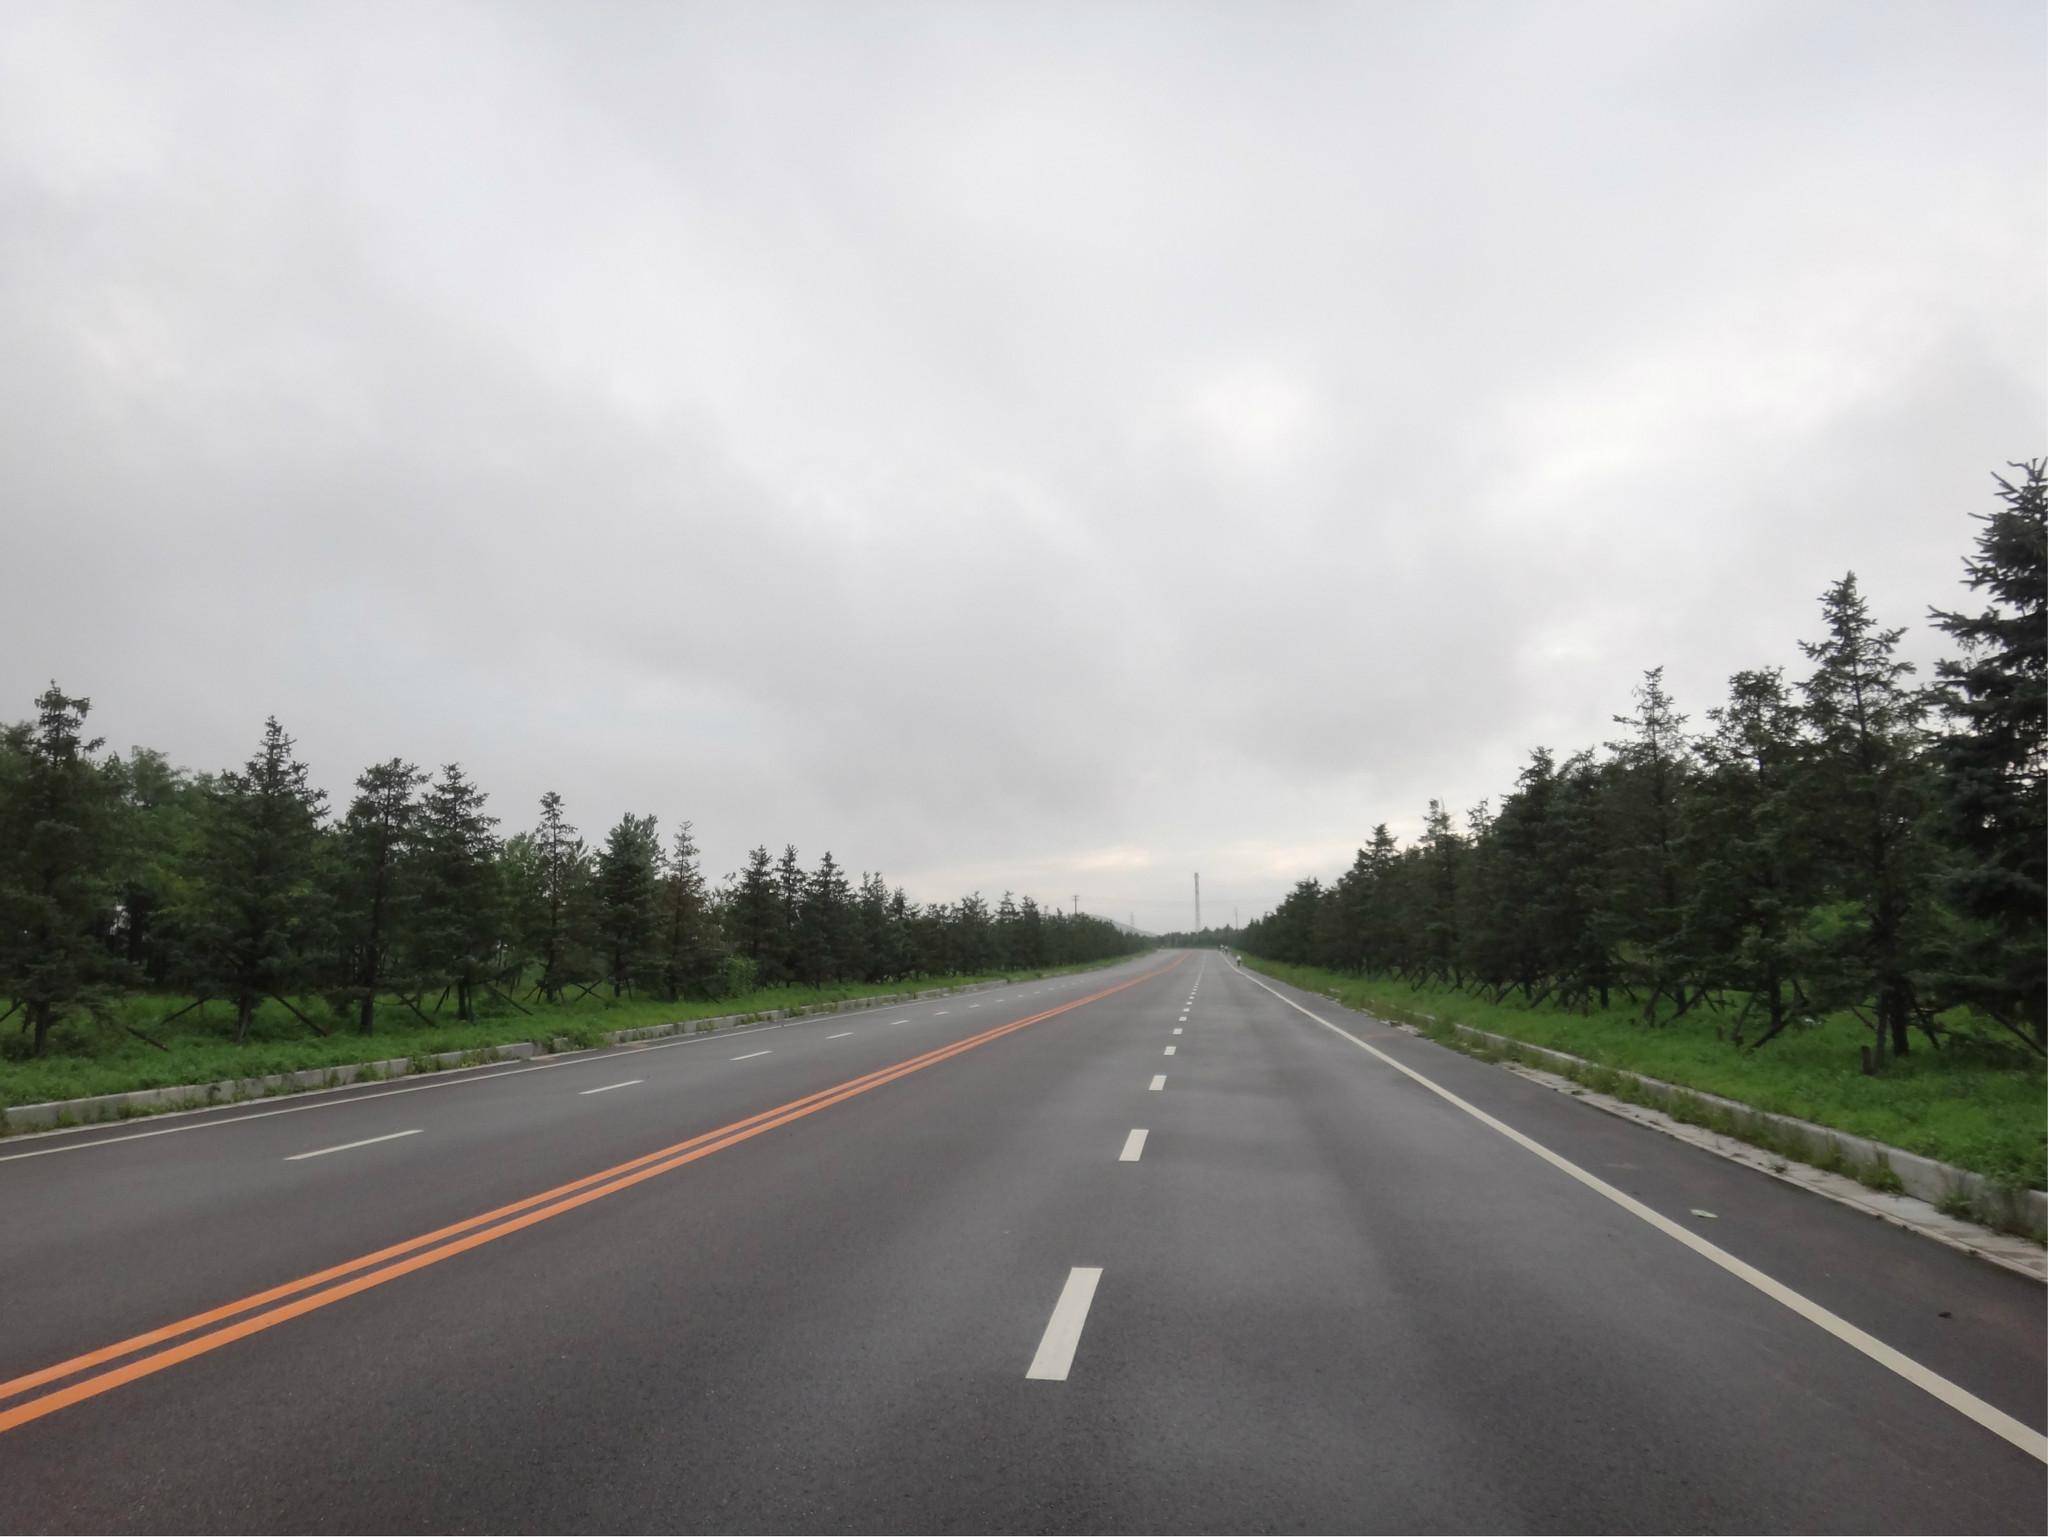 壁纸 道路 高速 高速公路 公路 桌面 2048_1537